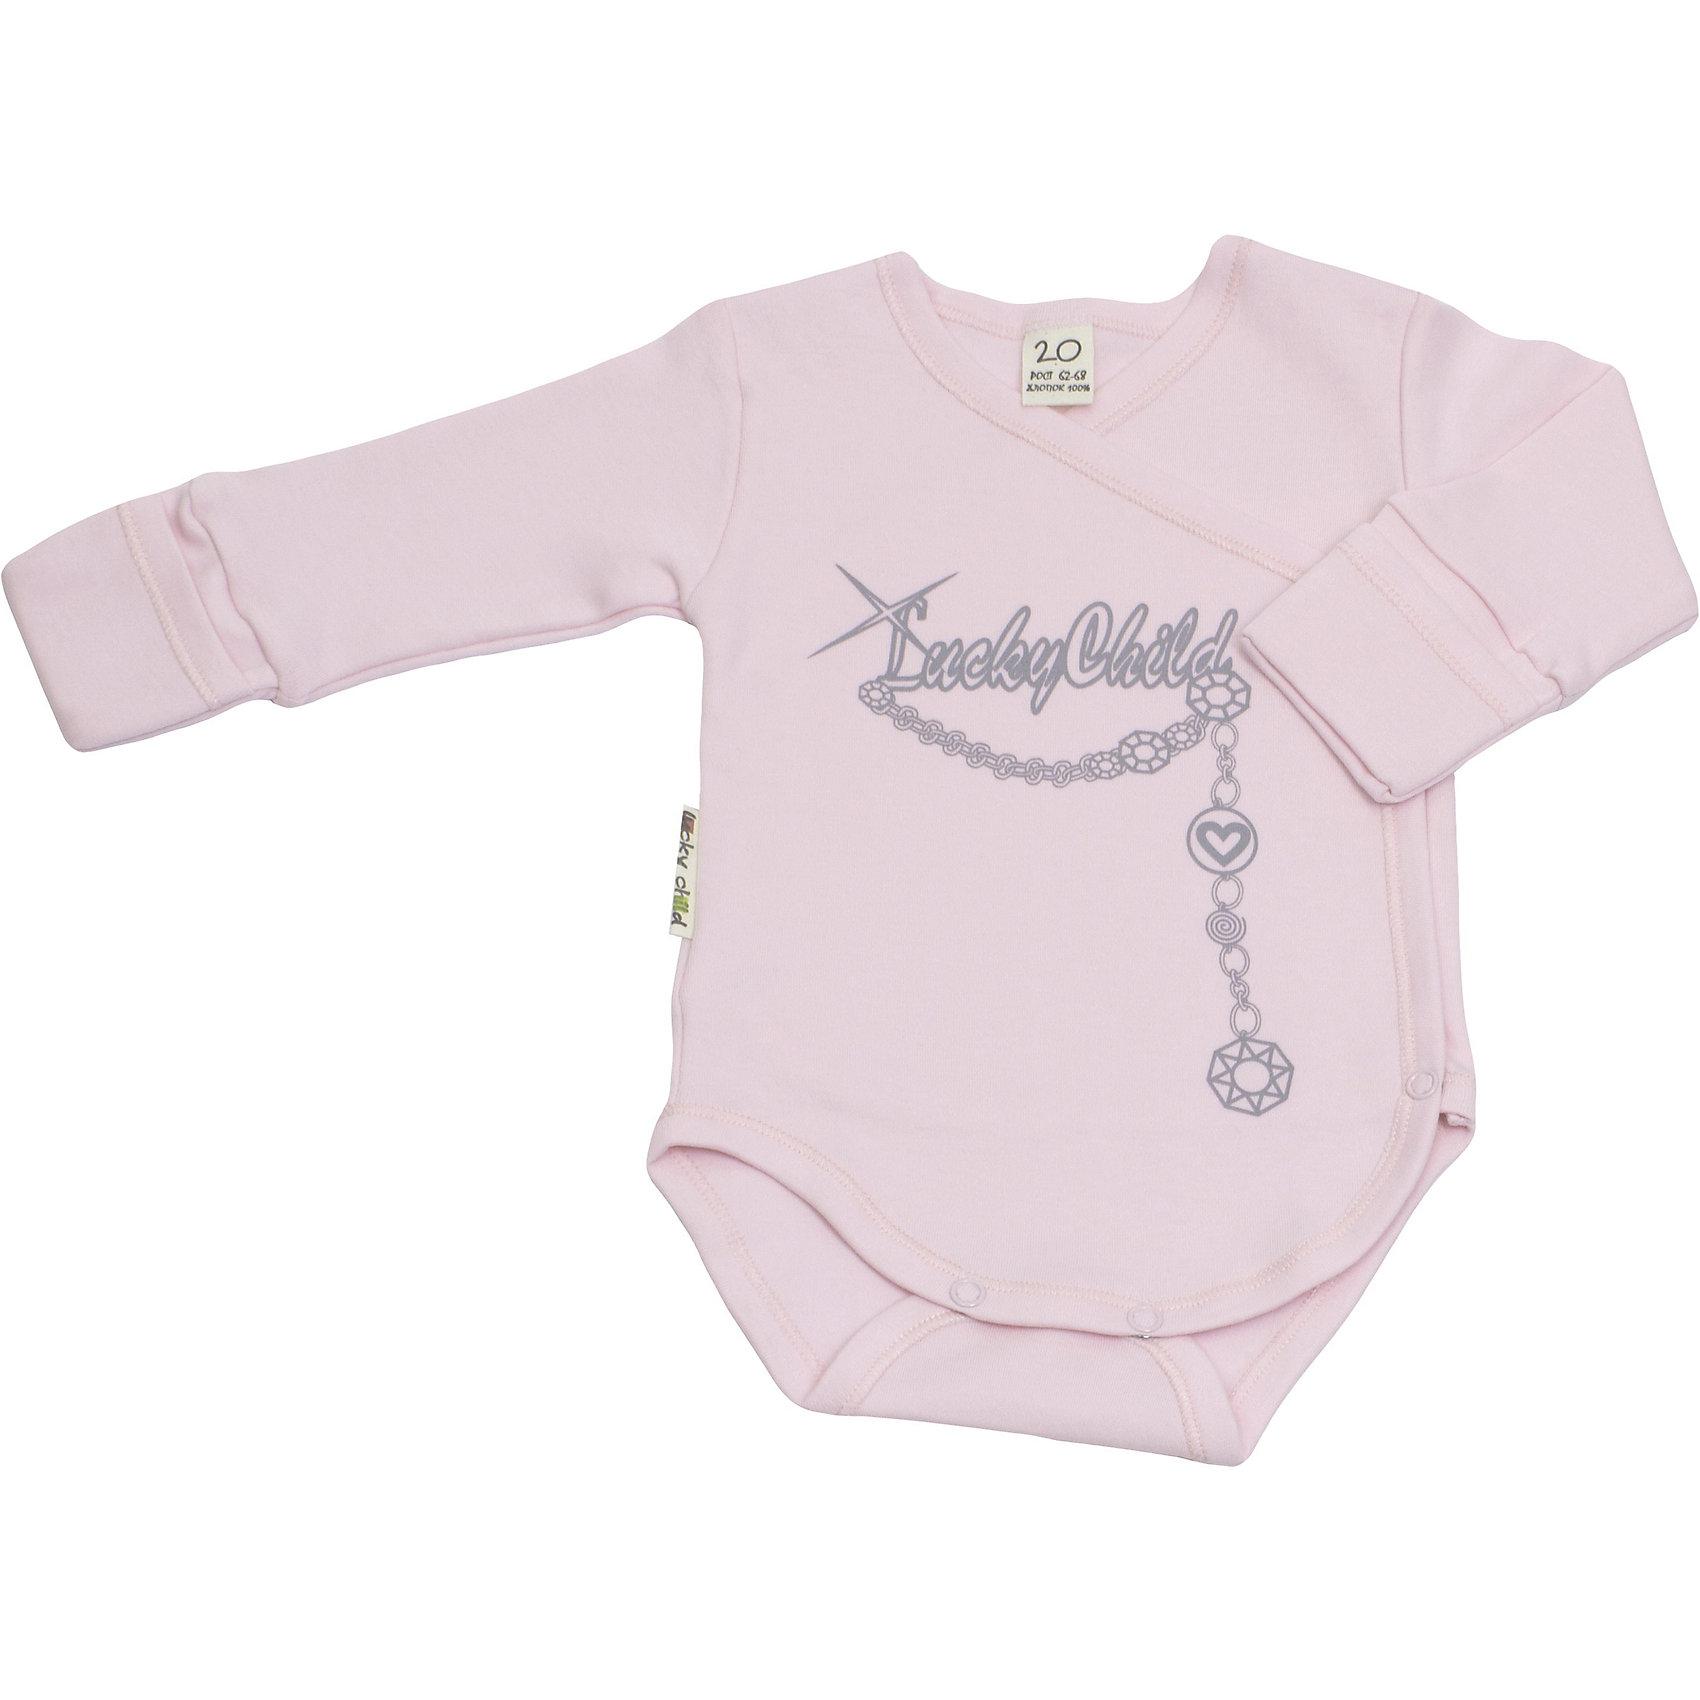 Боди Lucky ChildБоди Lucky Child<br>Необычайно красивое боди для девочки Леди Lucky Child смотрится оригинально за счет дизайнерского принта. Идеальный вариант и для комбинезона, и для штанишек. А с пышной юбкой и вовсе будет смотреться как бальное платье! Ваша малышка достойна лучшей одежды - и она перед вами!<br>Состав : 100% хлопок<br><br>Ширина мм: 157<br>Глубина мм: 13<br>Высота мм: 119<br>Вес г: 200<br>Цвет: розовый<br>Возраст от месяцев: 0<br>Возраст до месяцев: 3<br>Пол: Унисекс<br>Возраст: Детский<br>Размер: 56/62,68/74,74/80,80/86,62/68<br>SKU: 4284854